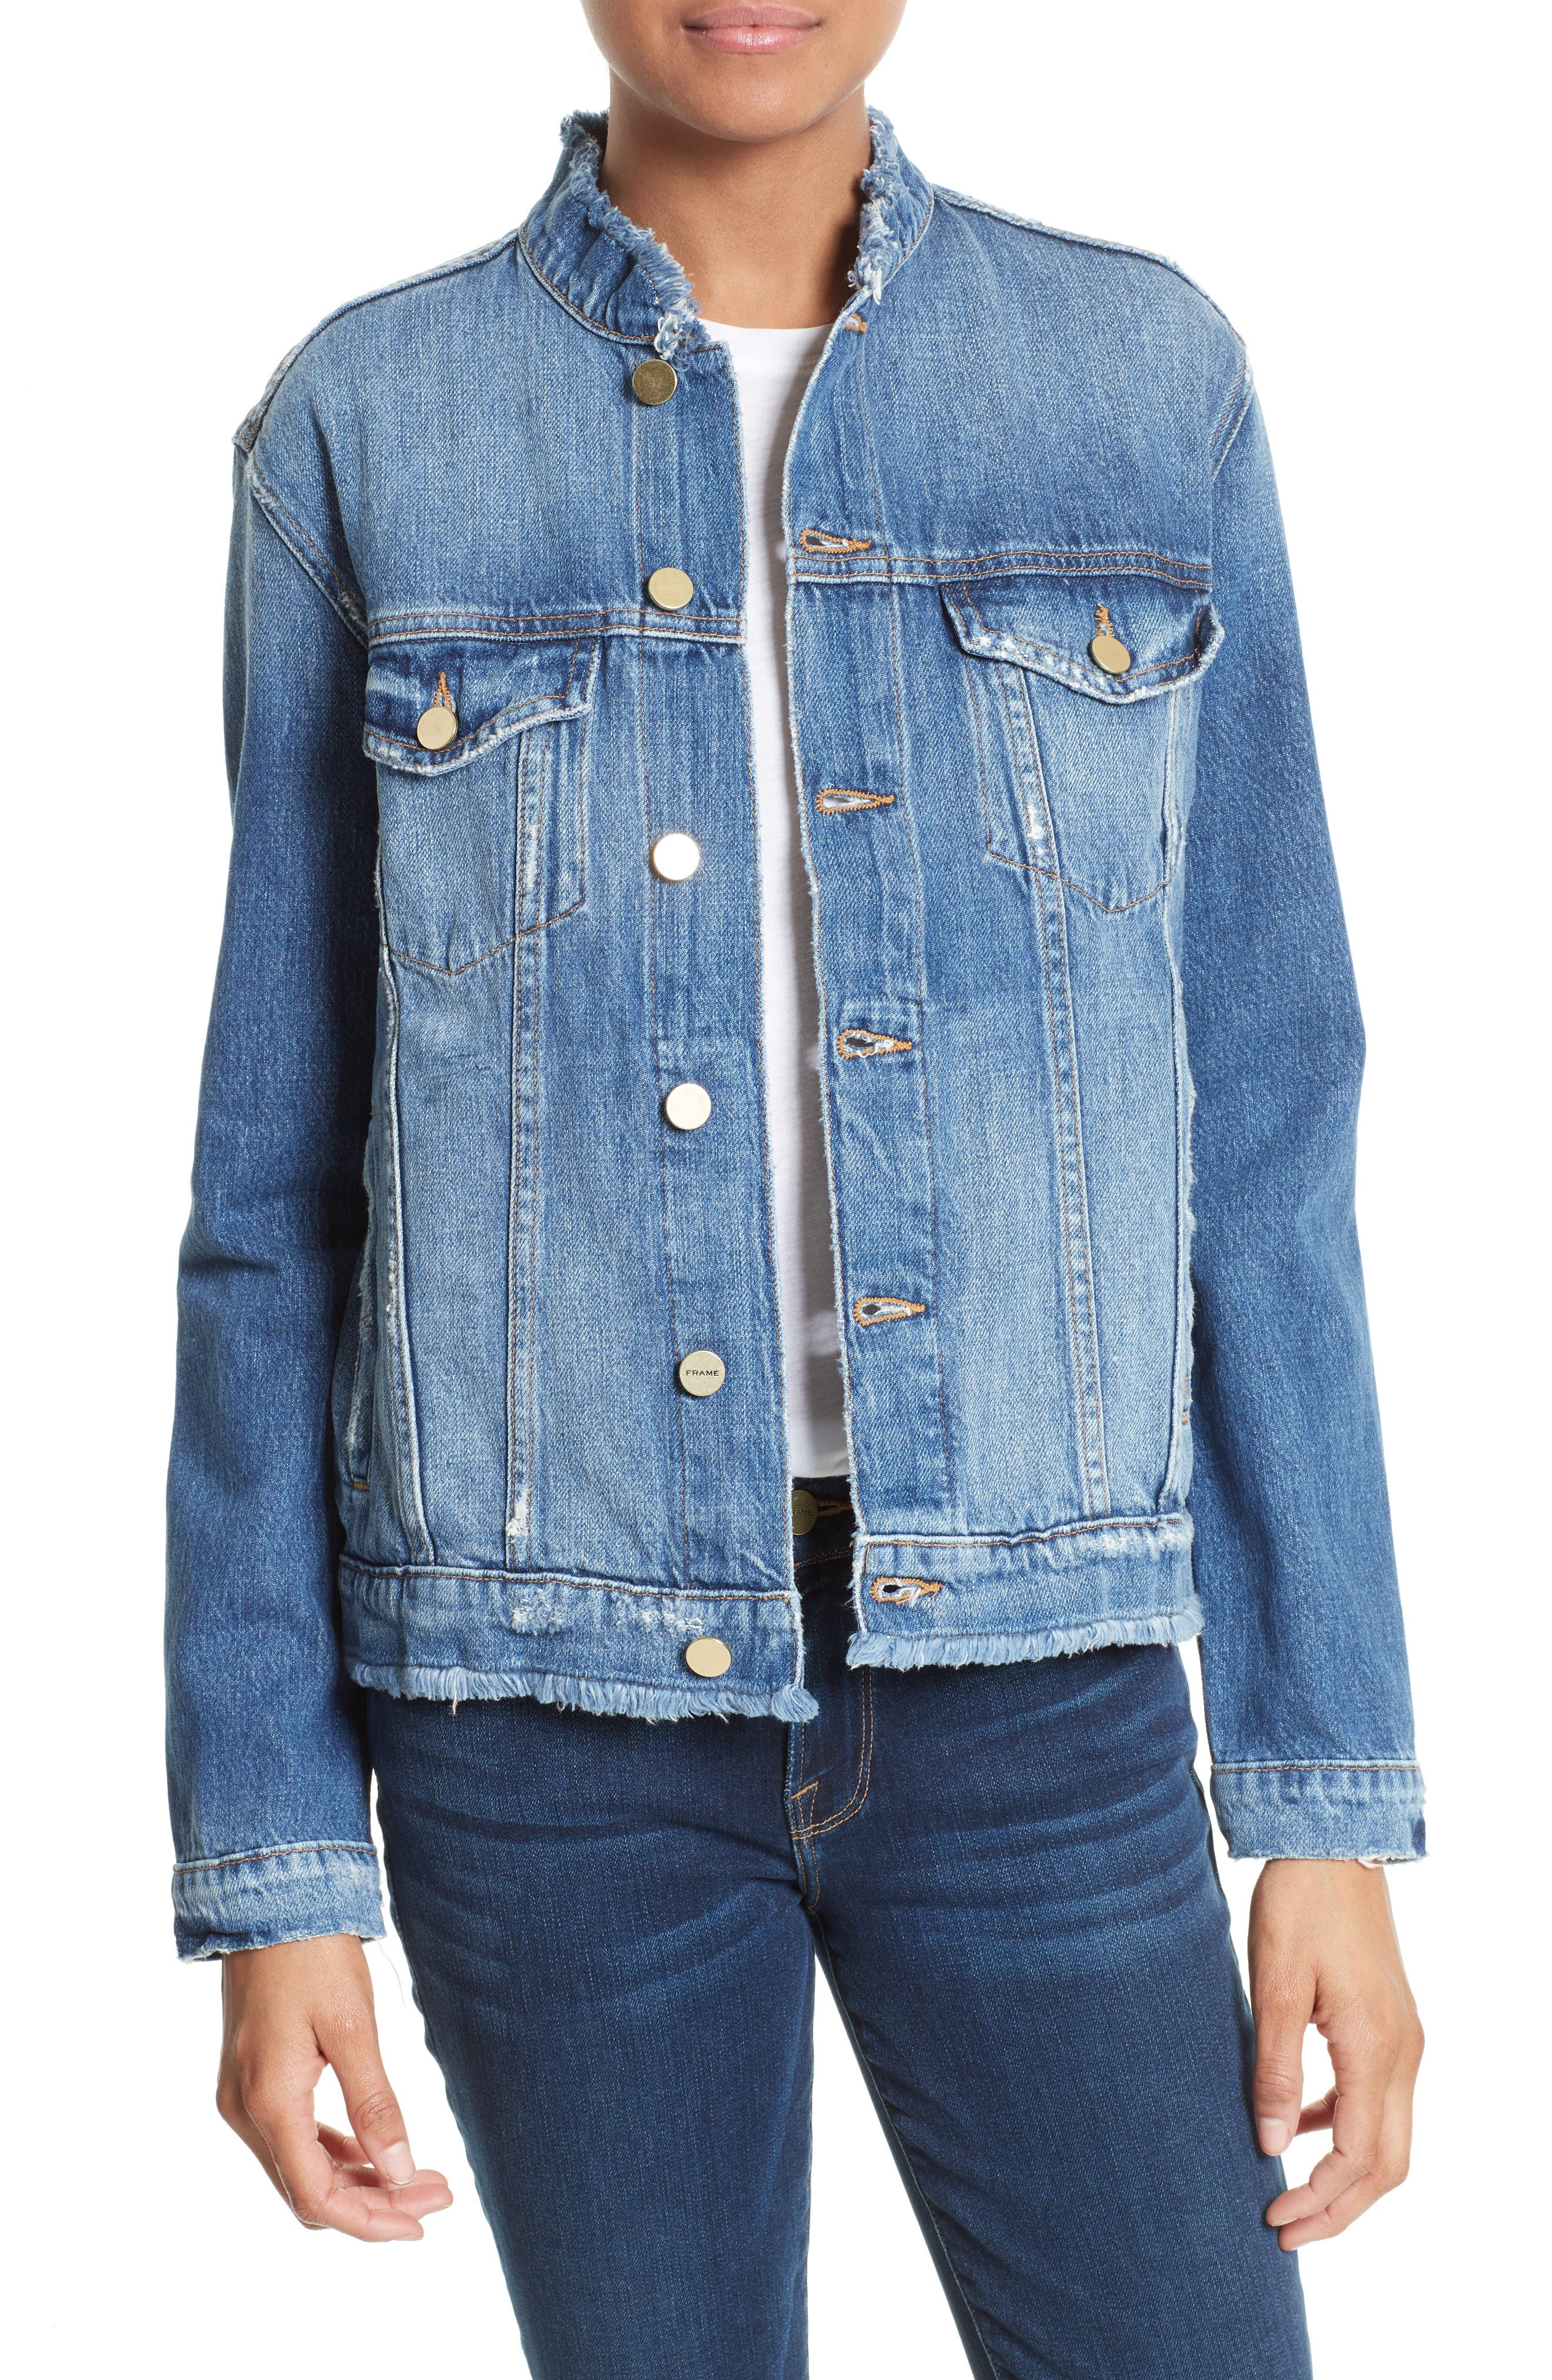 Alternate Image 1 Selected - FRAME Le Fray Denim Jacket (Nordstrom Exclusive)